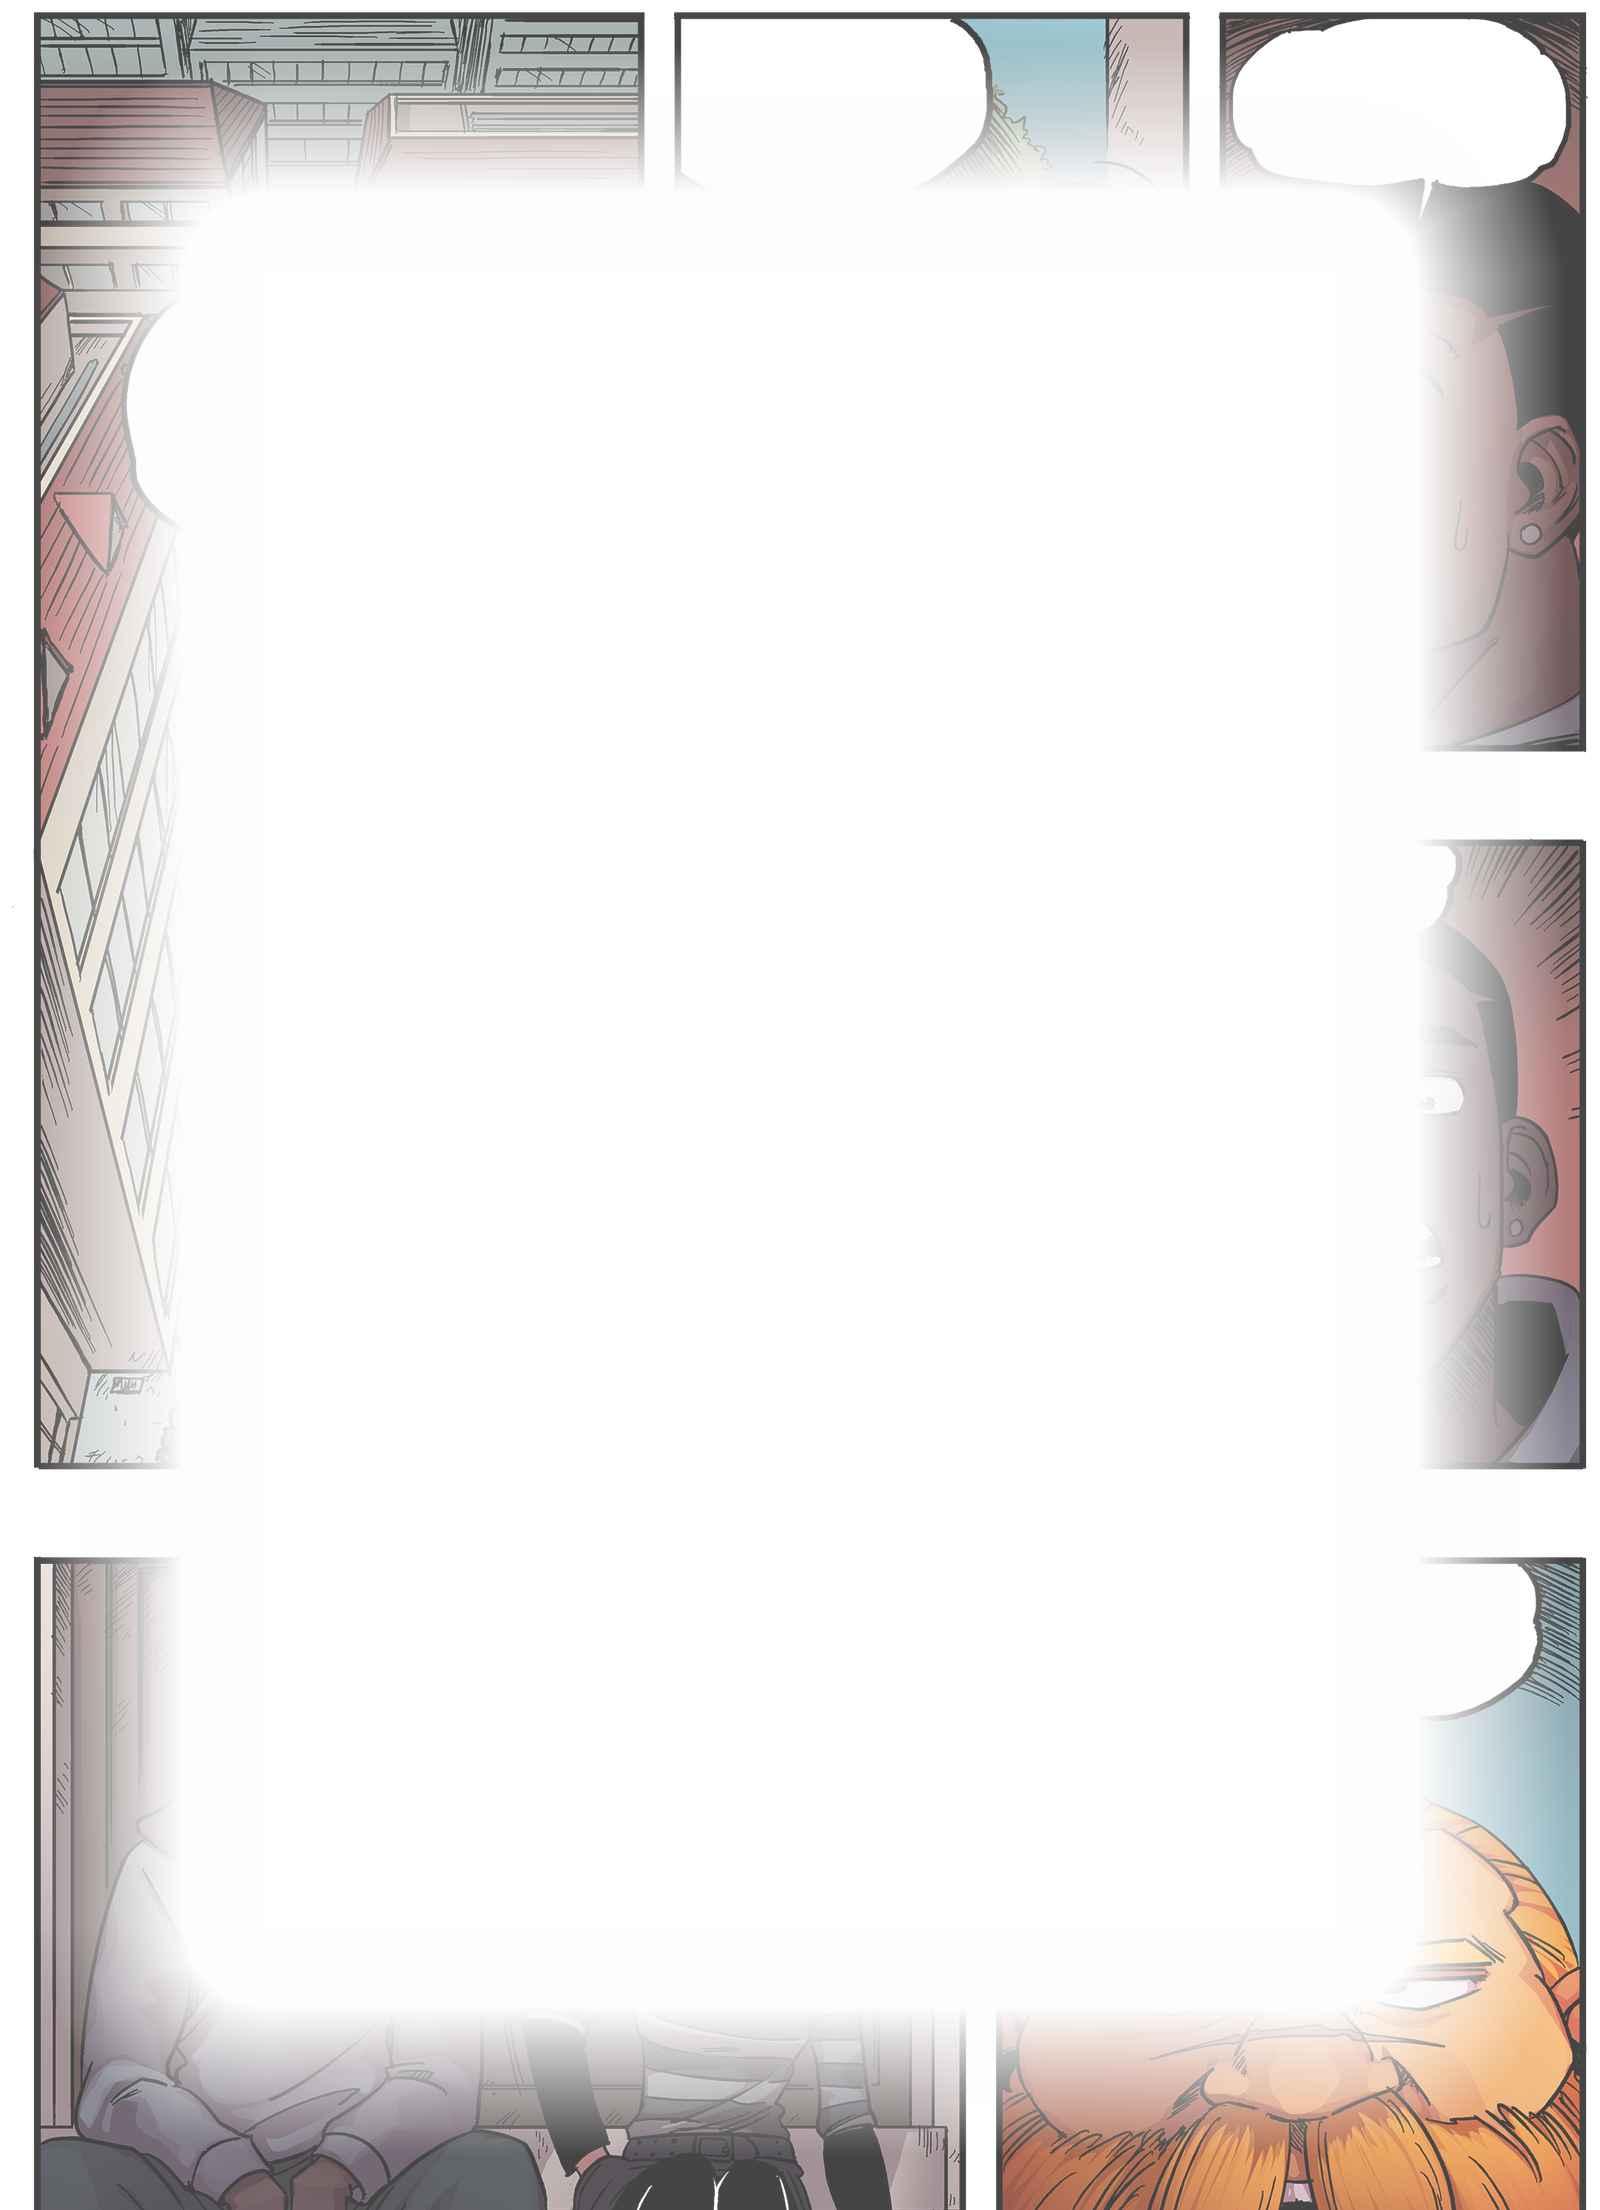 Hemisferios : Capítulo 8 página 2